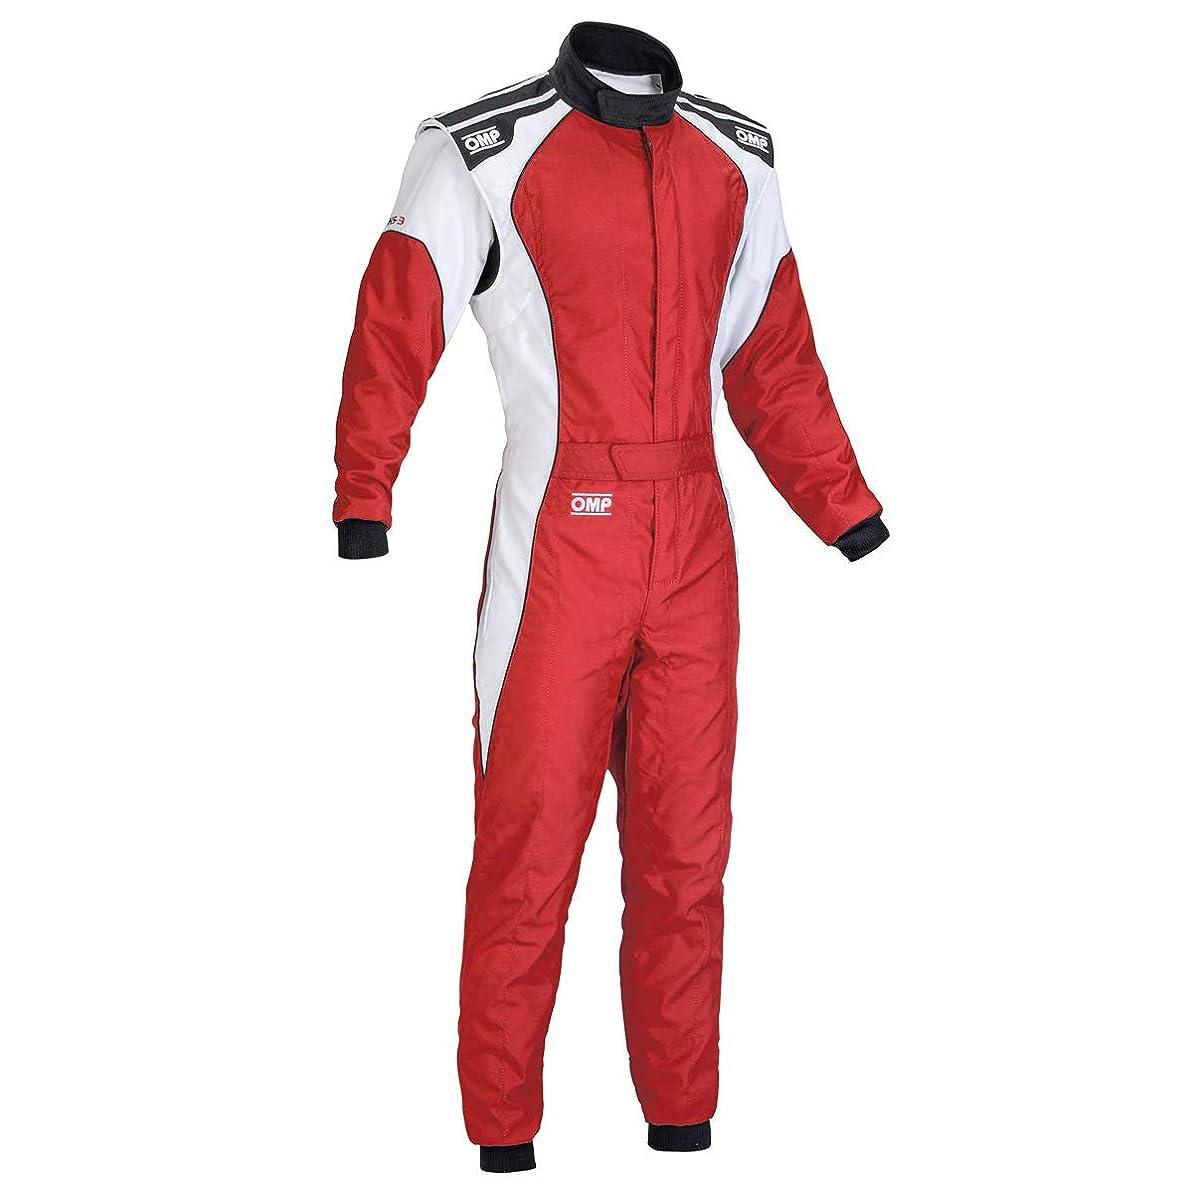 番目チャーター生息地OMP KS-3 SUIT レッド/ホワイト 52サイズ CIK-FIA LEVEL-2公認 レーシングスーツ